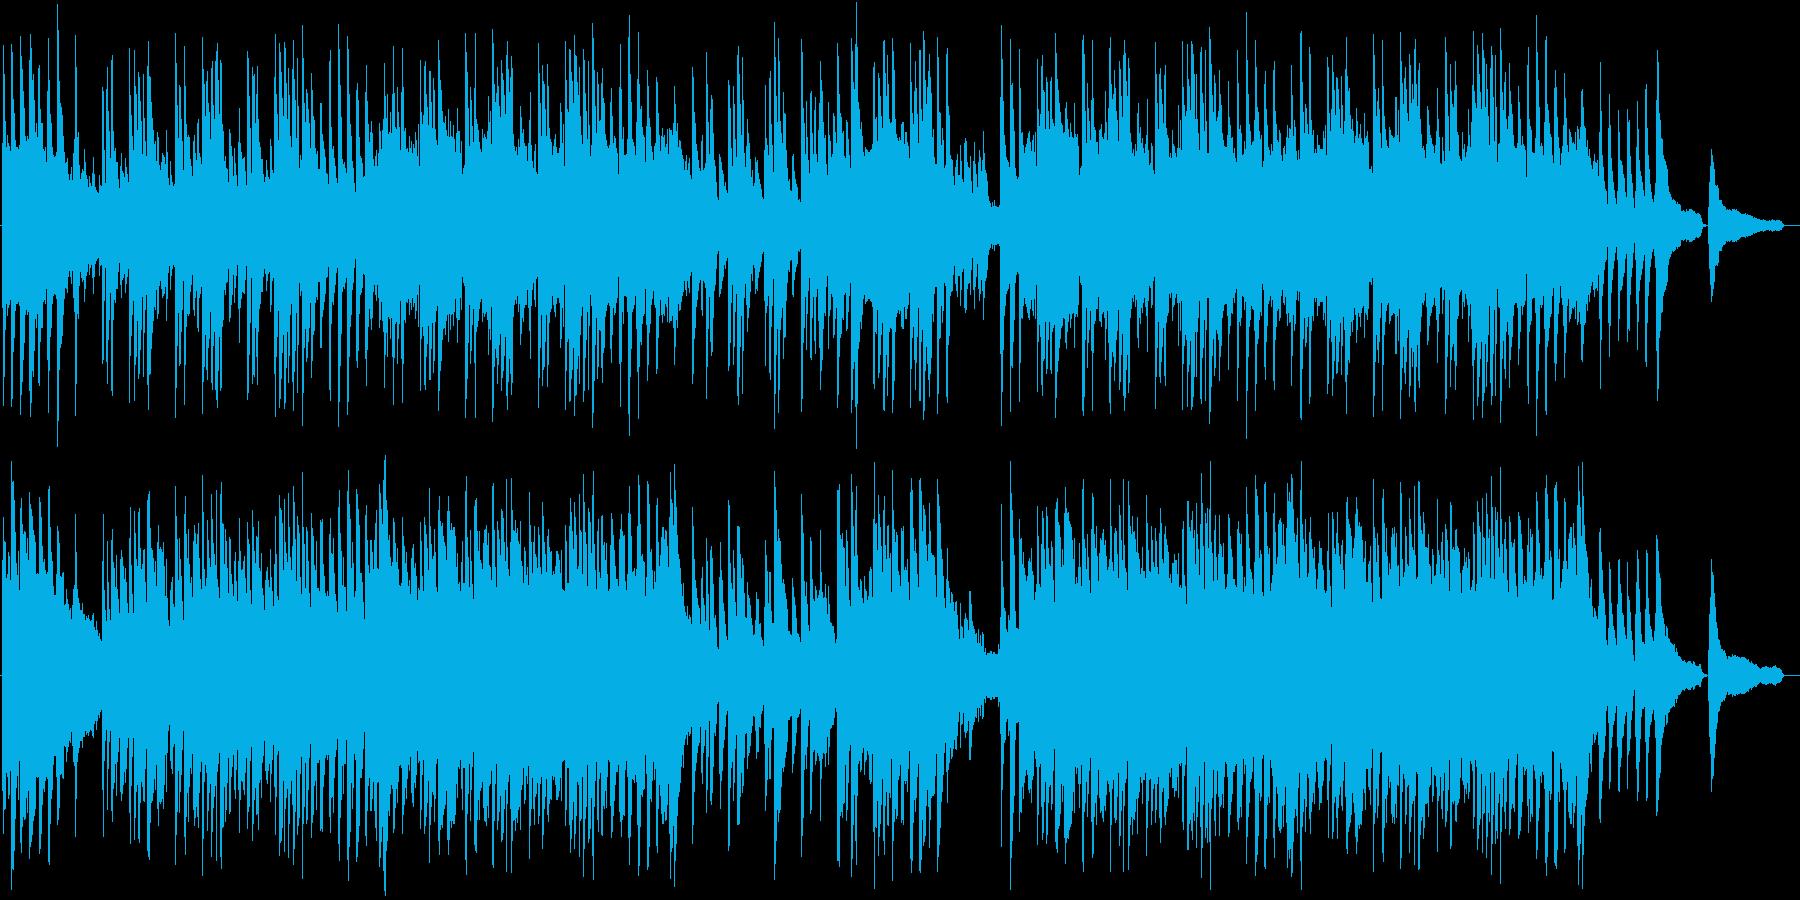 美しい和風バラードBGMの再生済みの波形